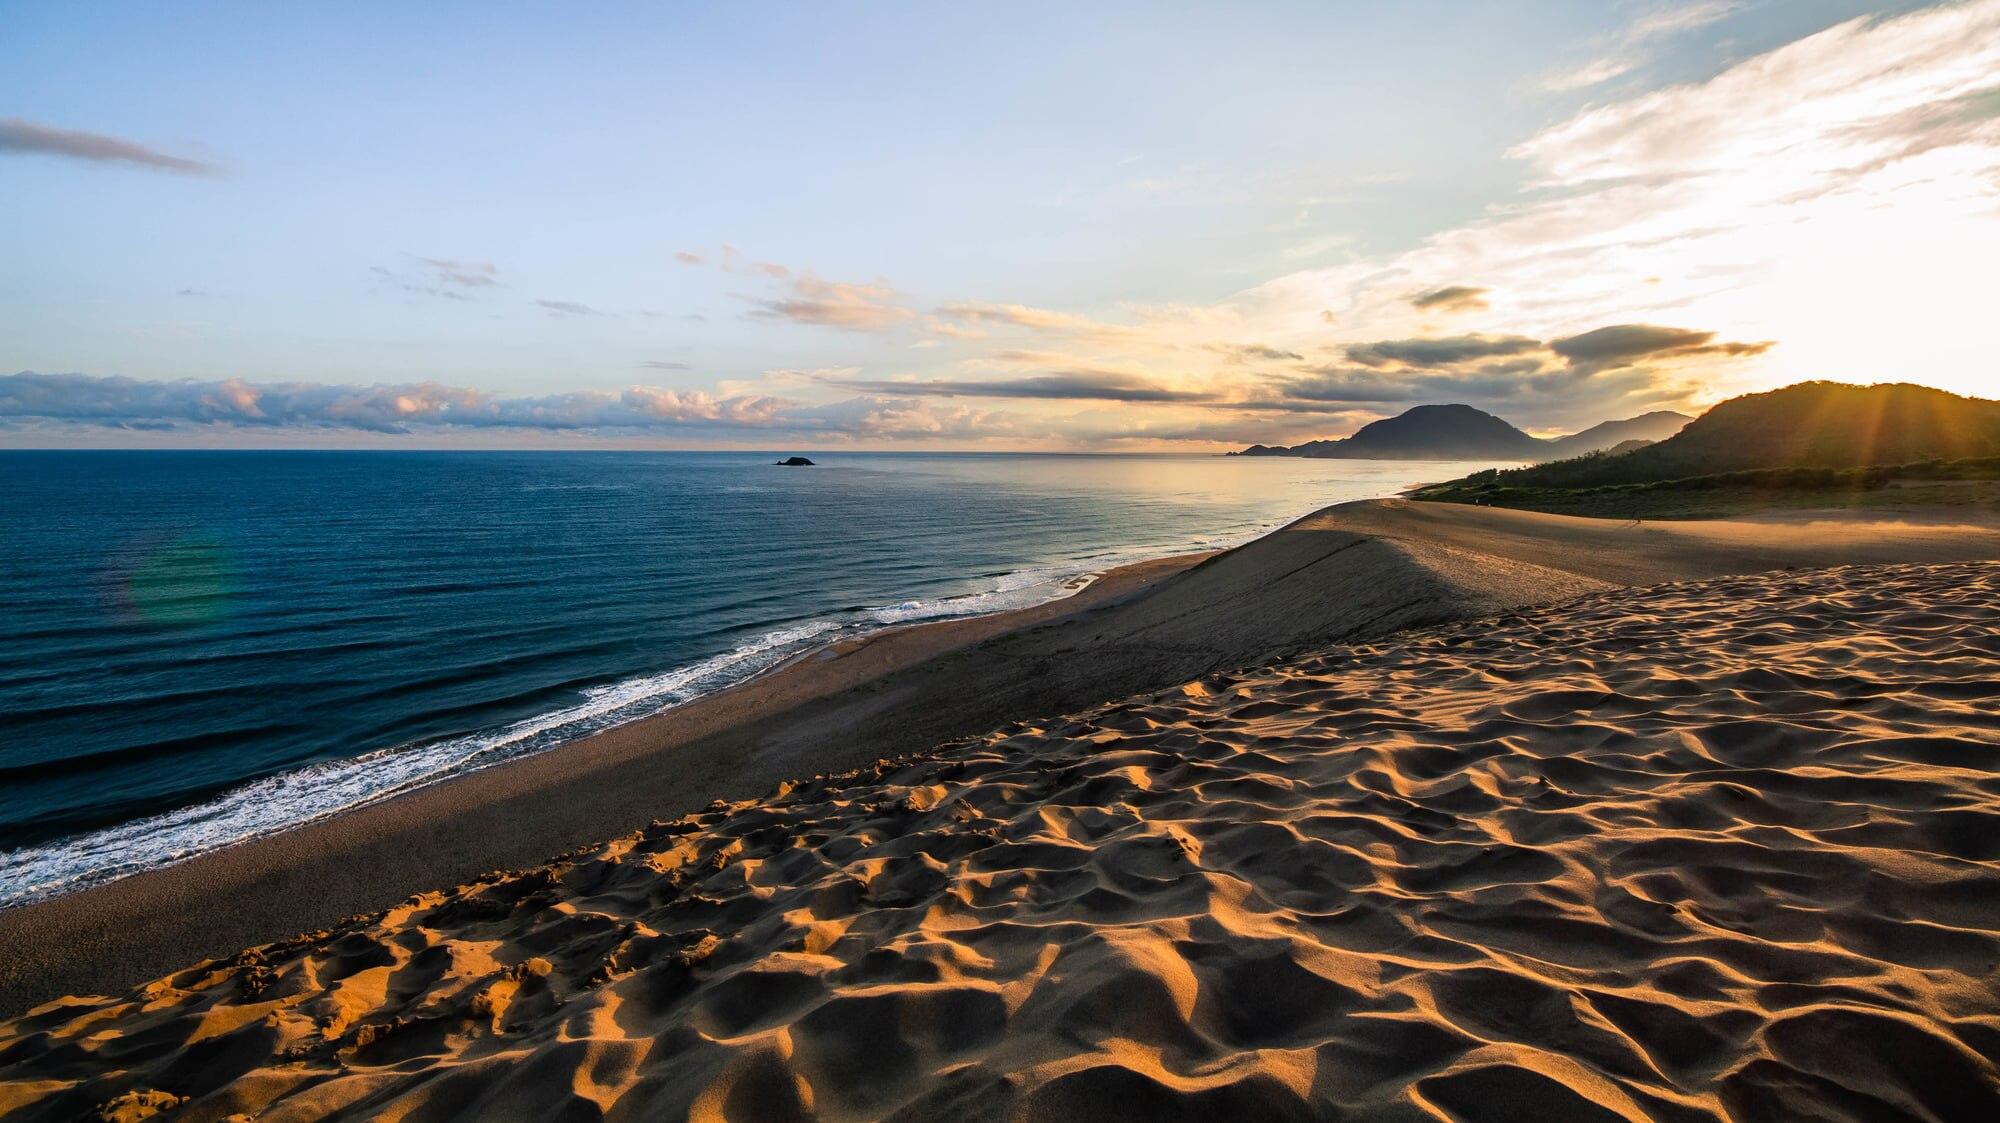 砂丘だけじゃない!山陰は鳥取県でおすすめの観光スポット25選